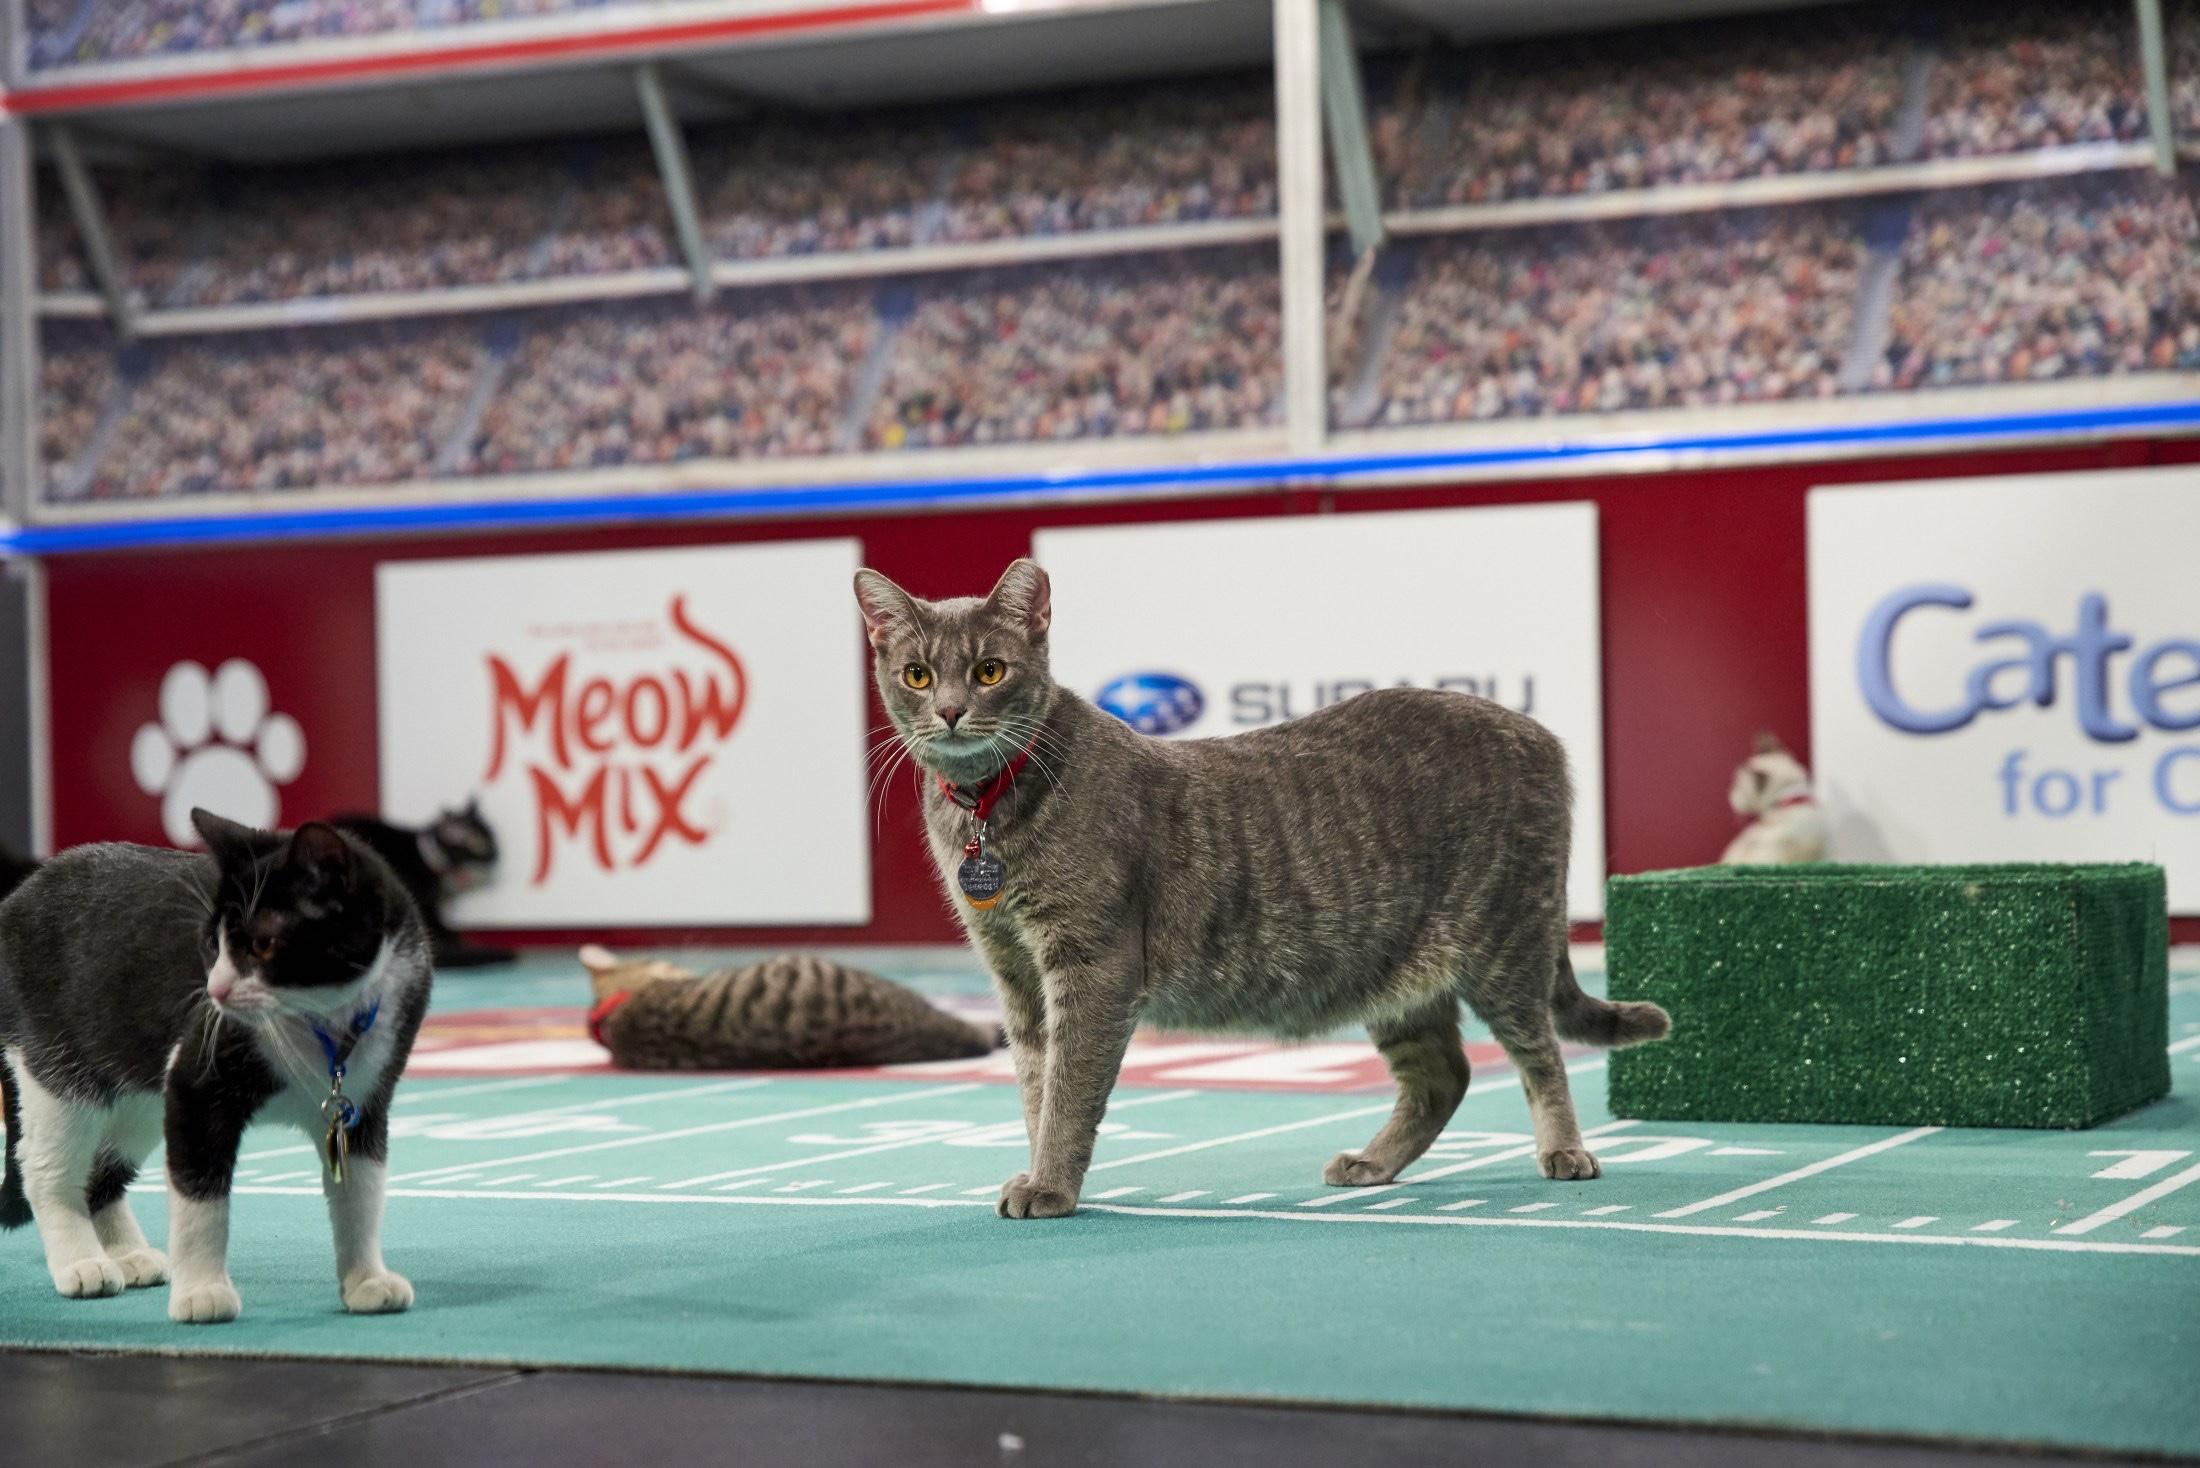 Cat Bowl / Kitten Bowl